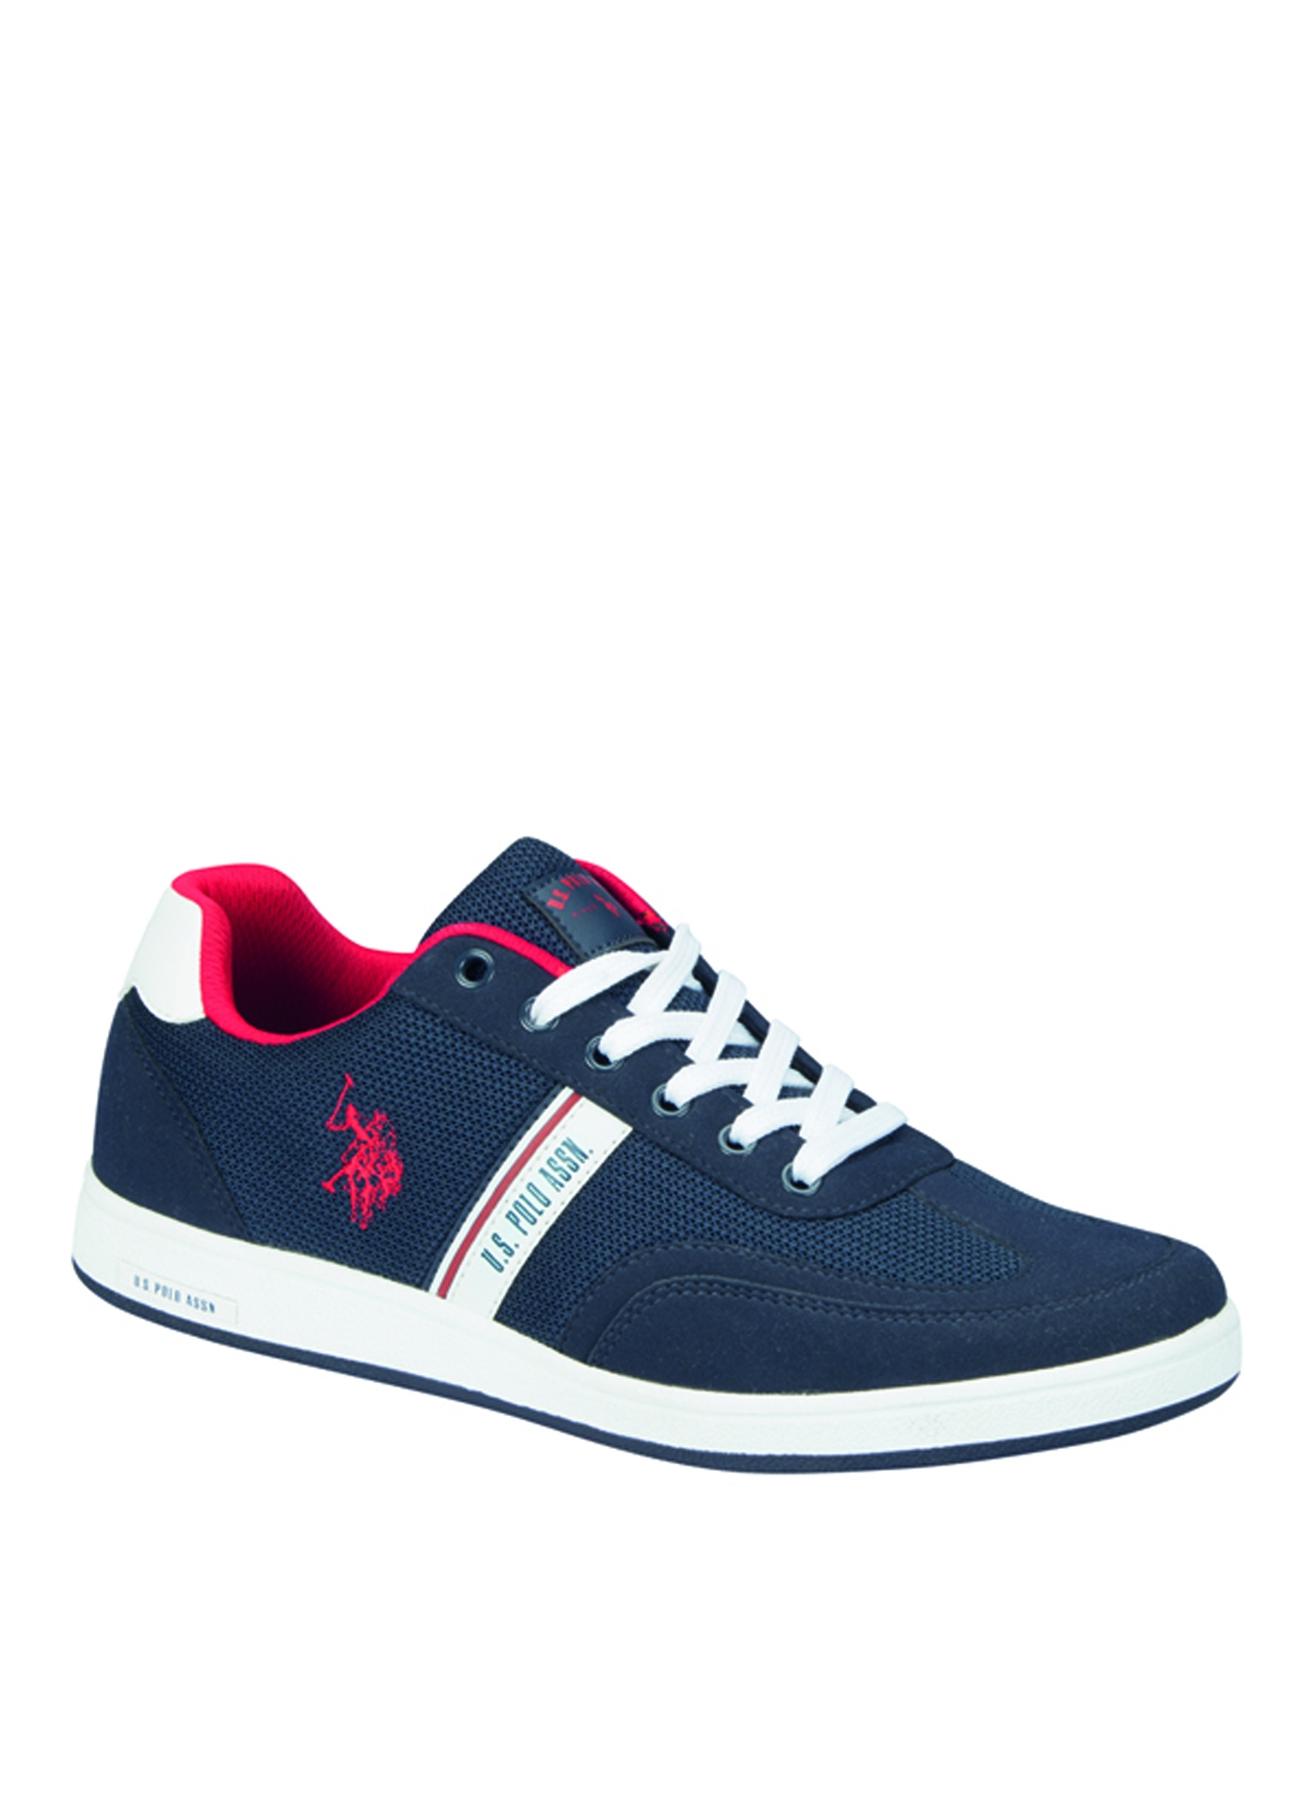 U.S. Polo Assn. Günlük Ayakkabı 43 5001911547004 Ürün Resmi